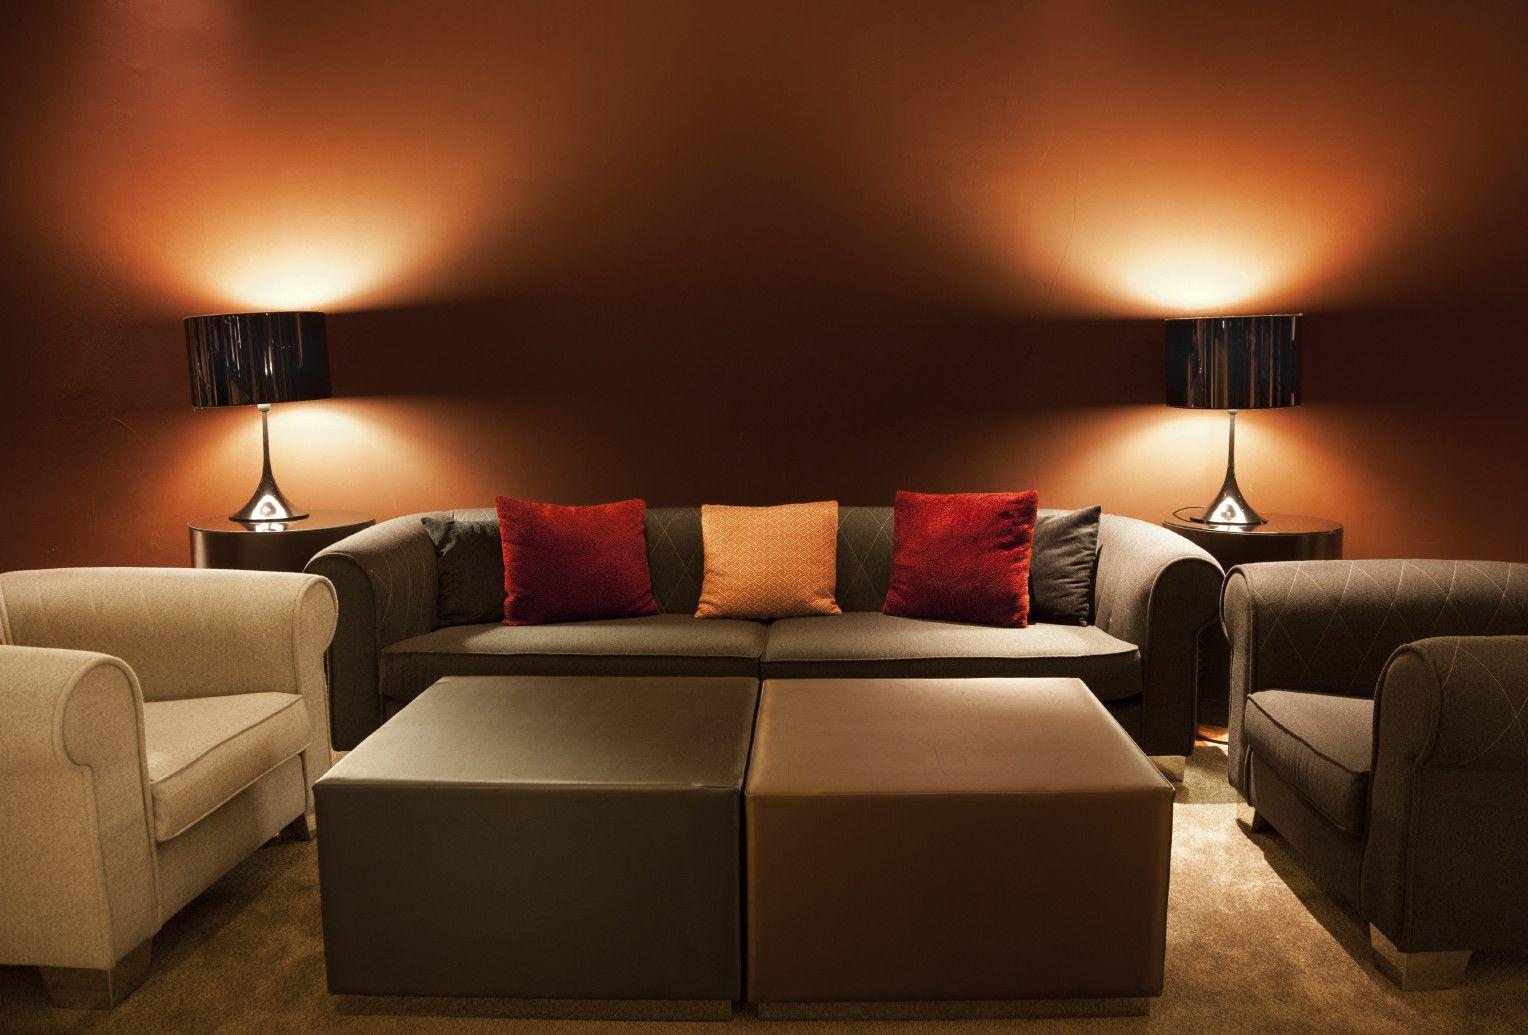 Neue Beleuchtungsideen für Ihr Wohnzimmer  Wohnzimmerbeleuchtung